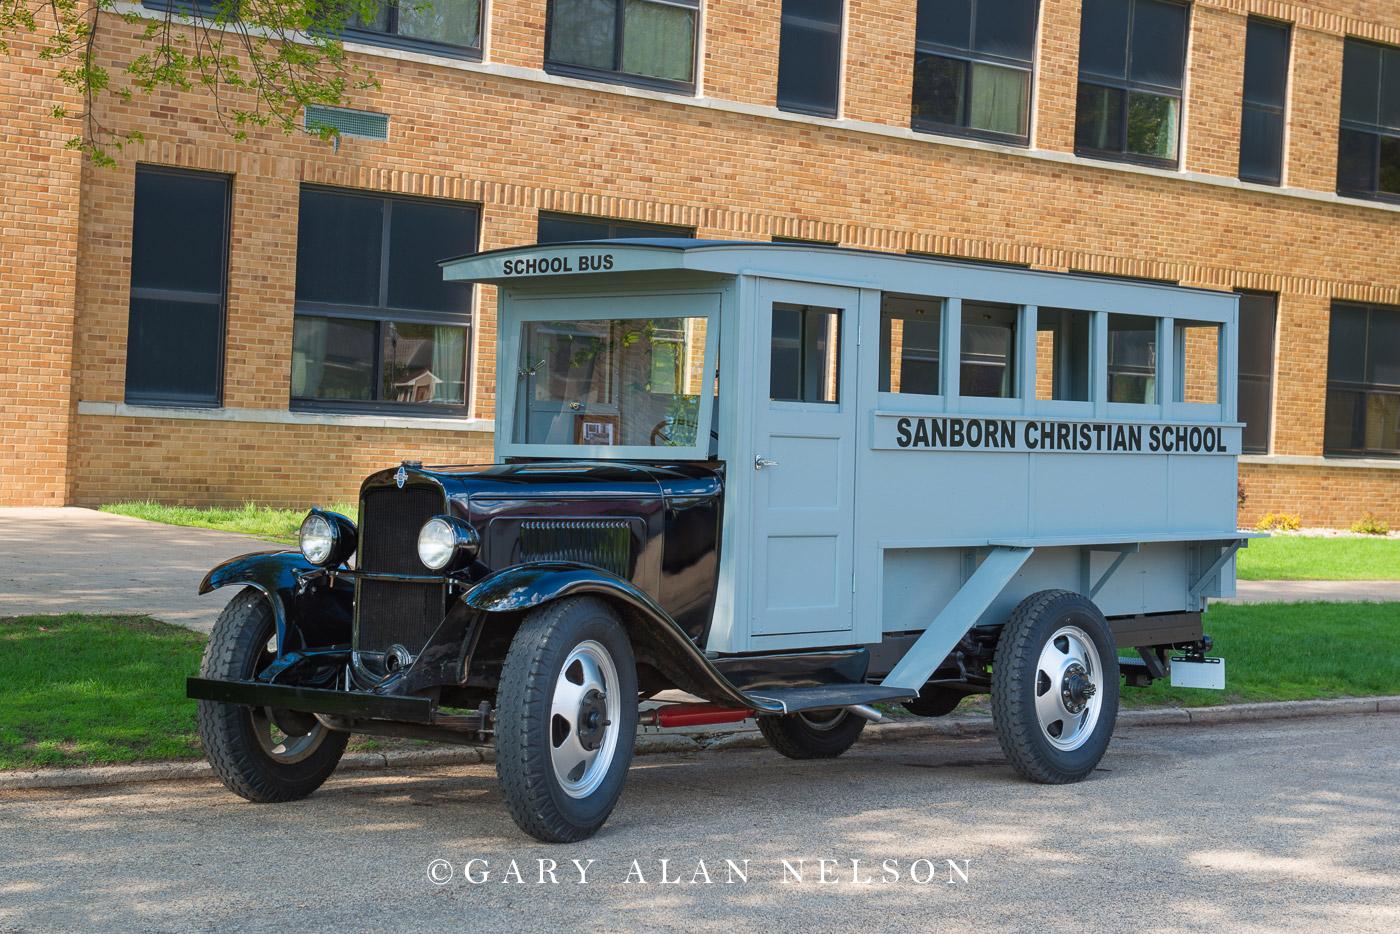 1931 Chevrolet One-Ton School Bus